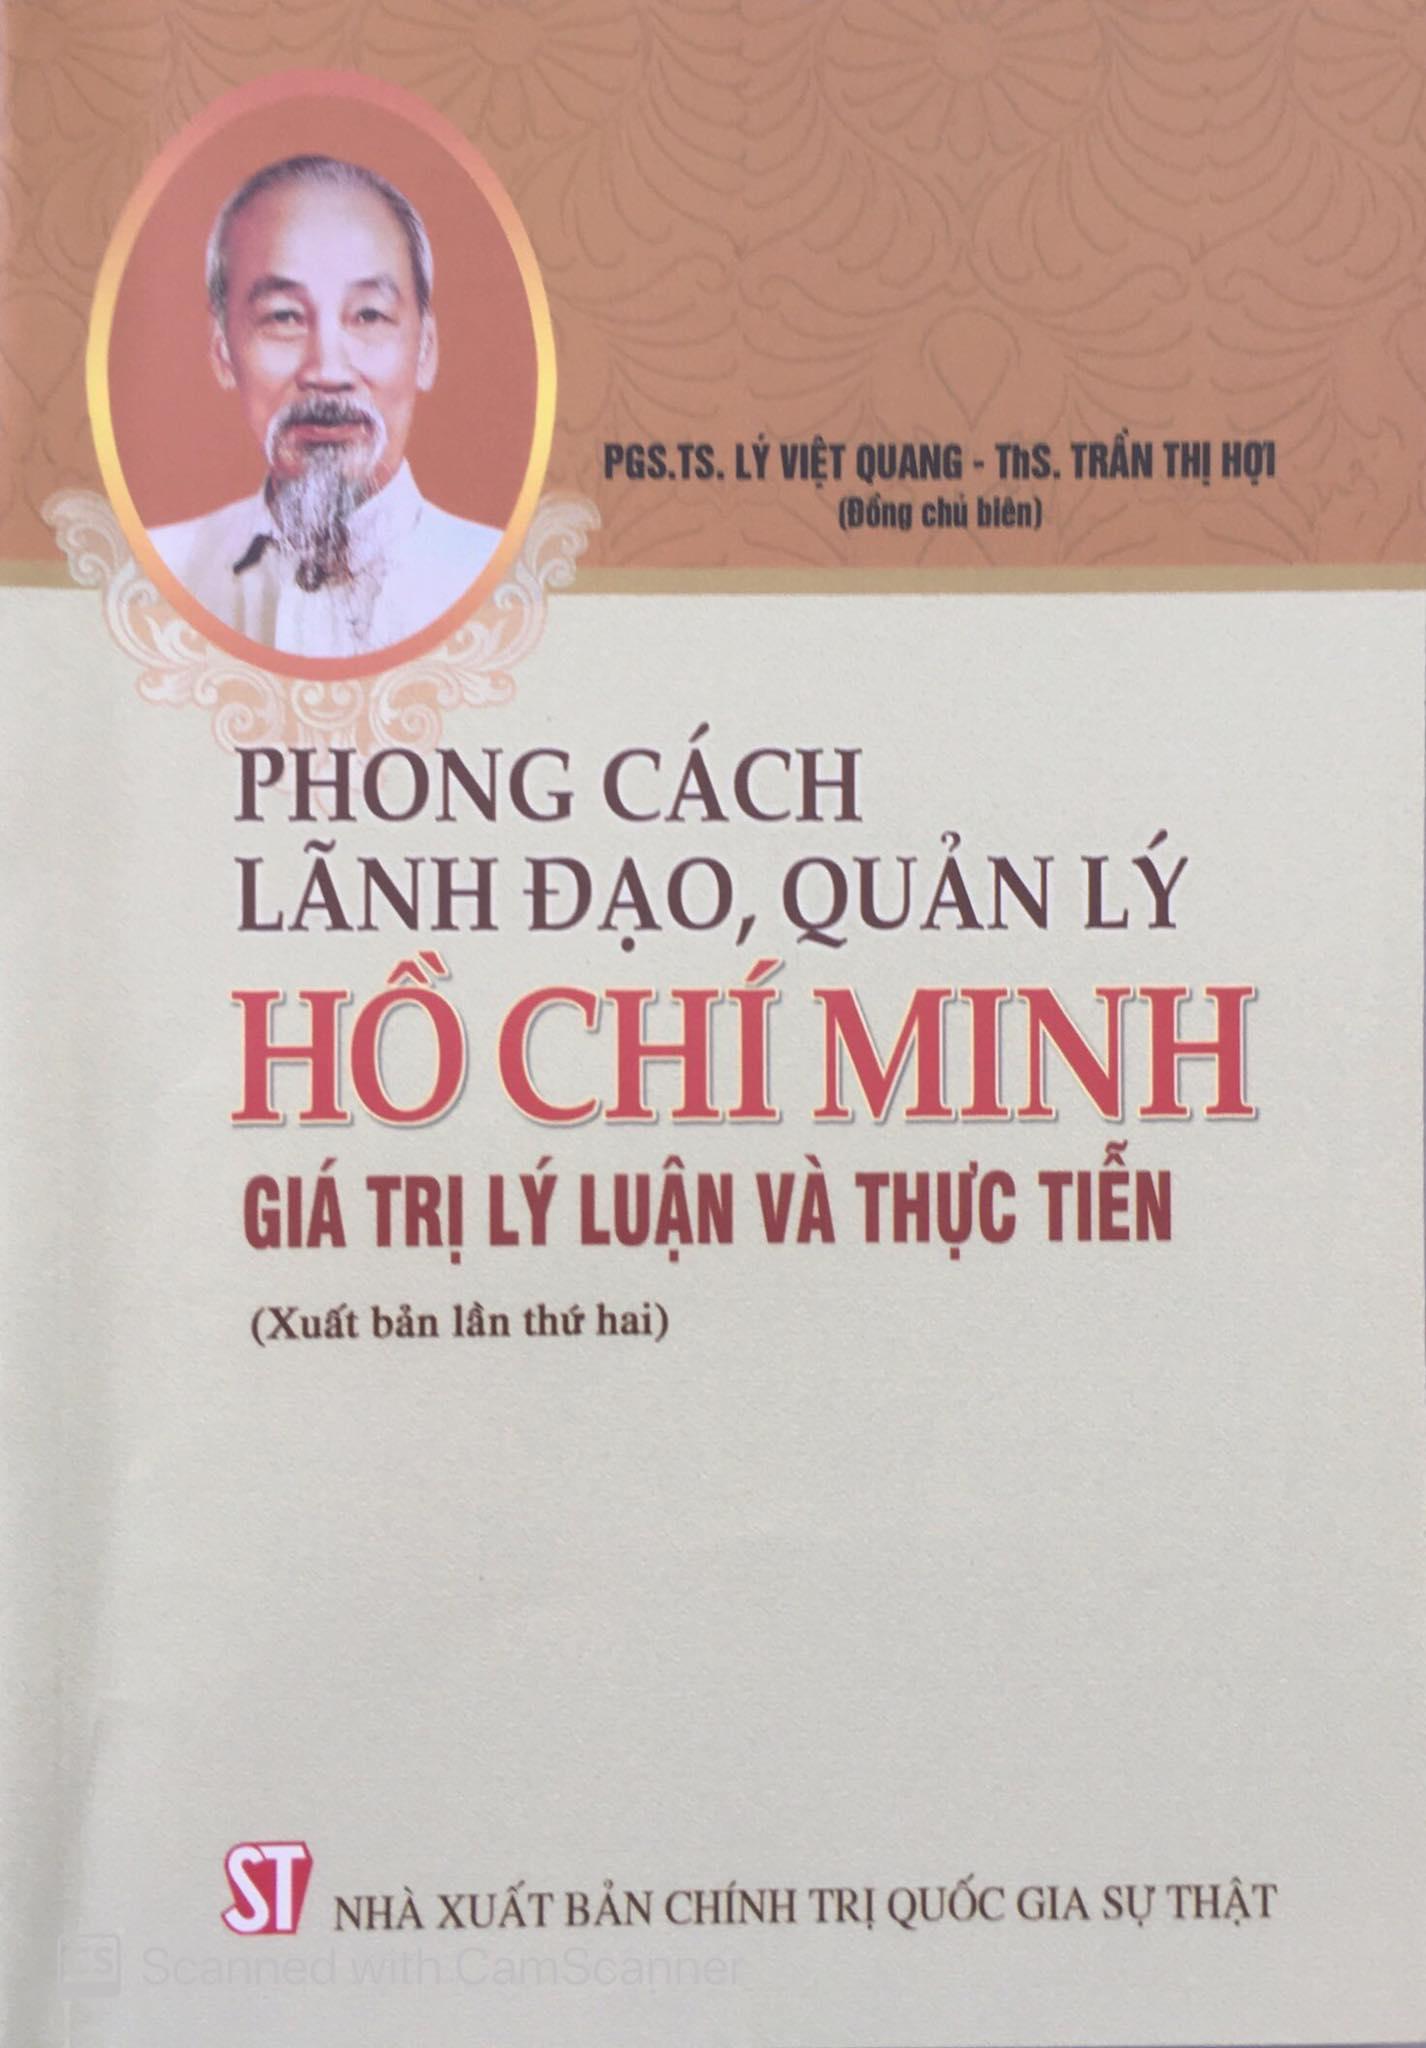 Phong cách lãnh đạo, quản lý Hồ Chí Minh - Giá trị lý luận và thực tiễn (Xuất bản lần thứ hai)